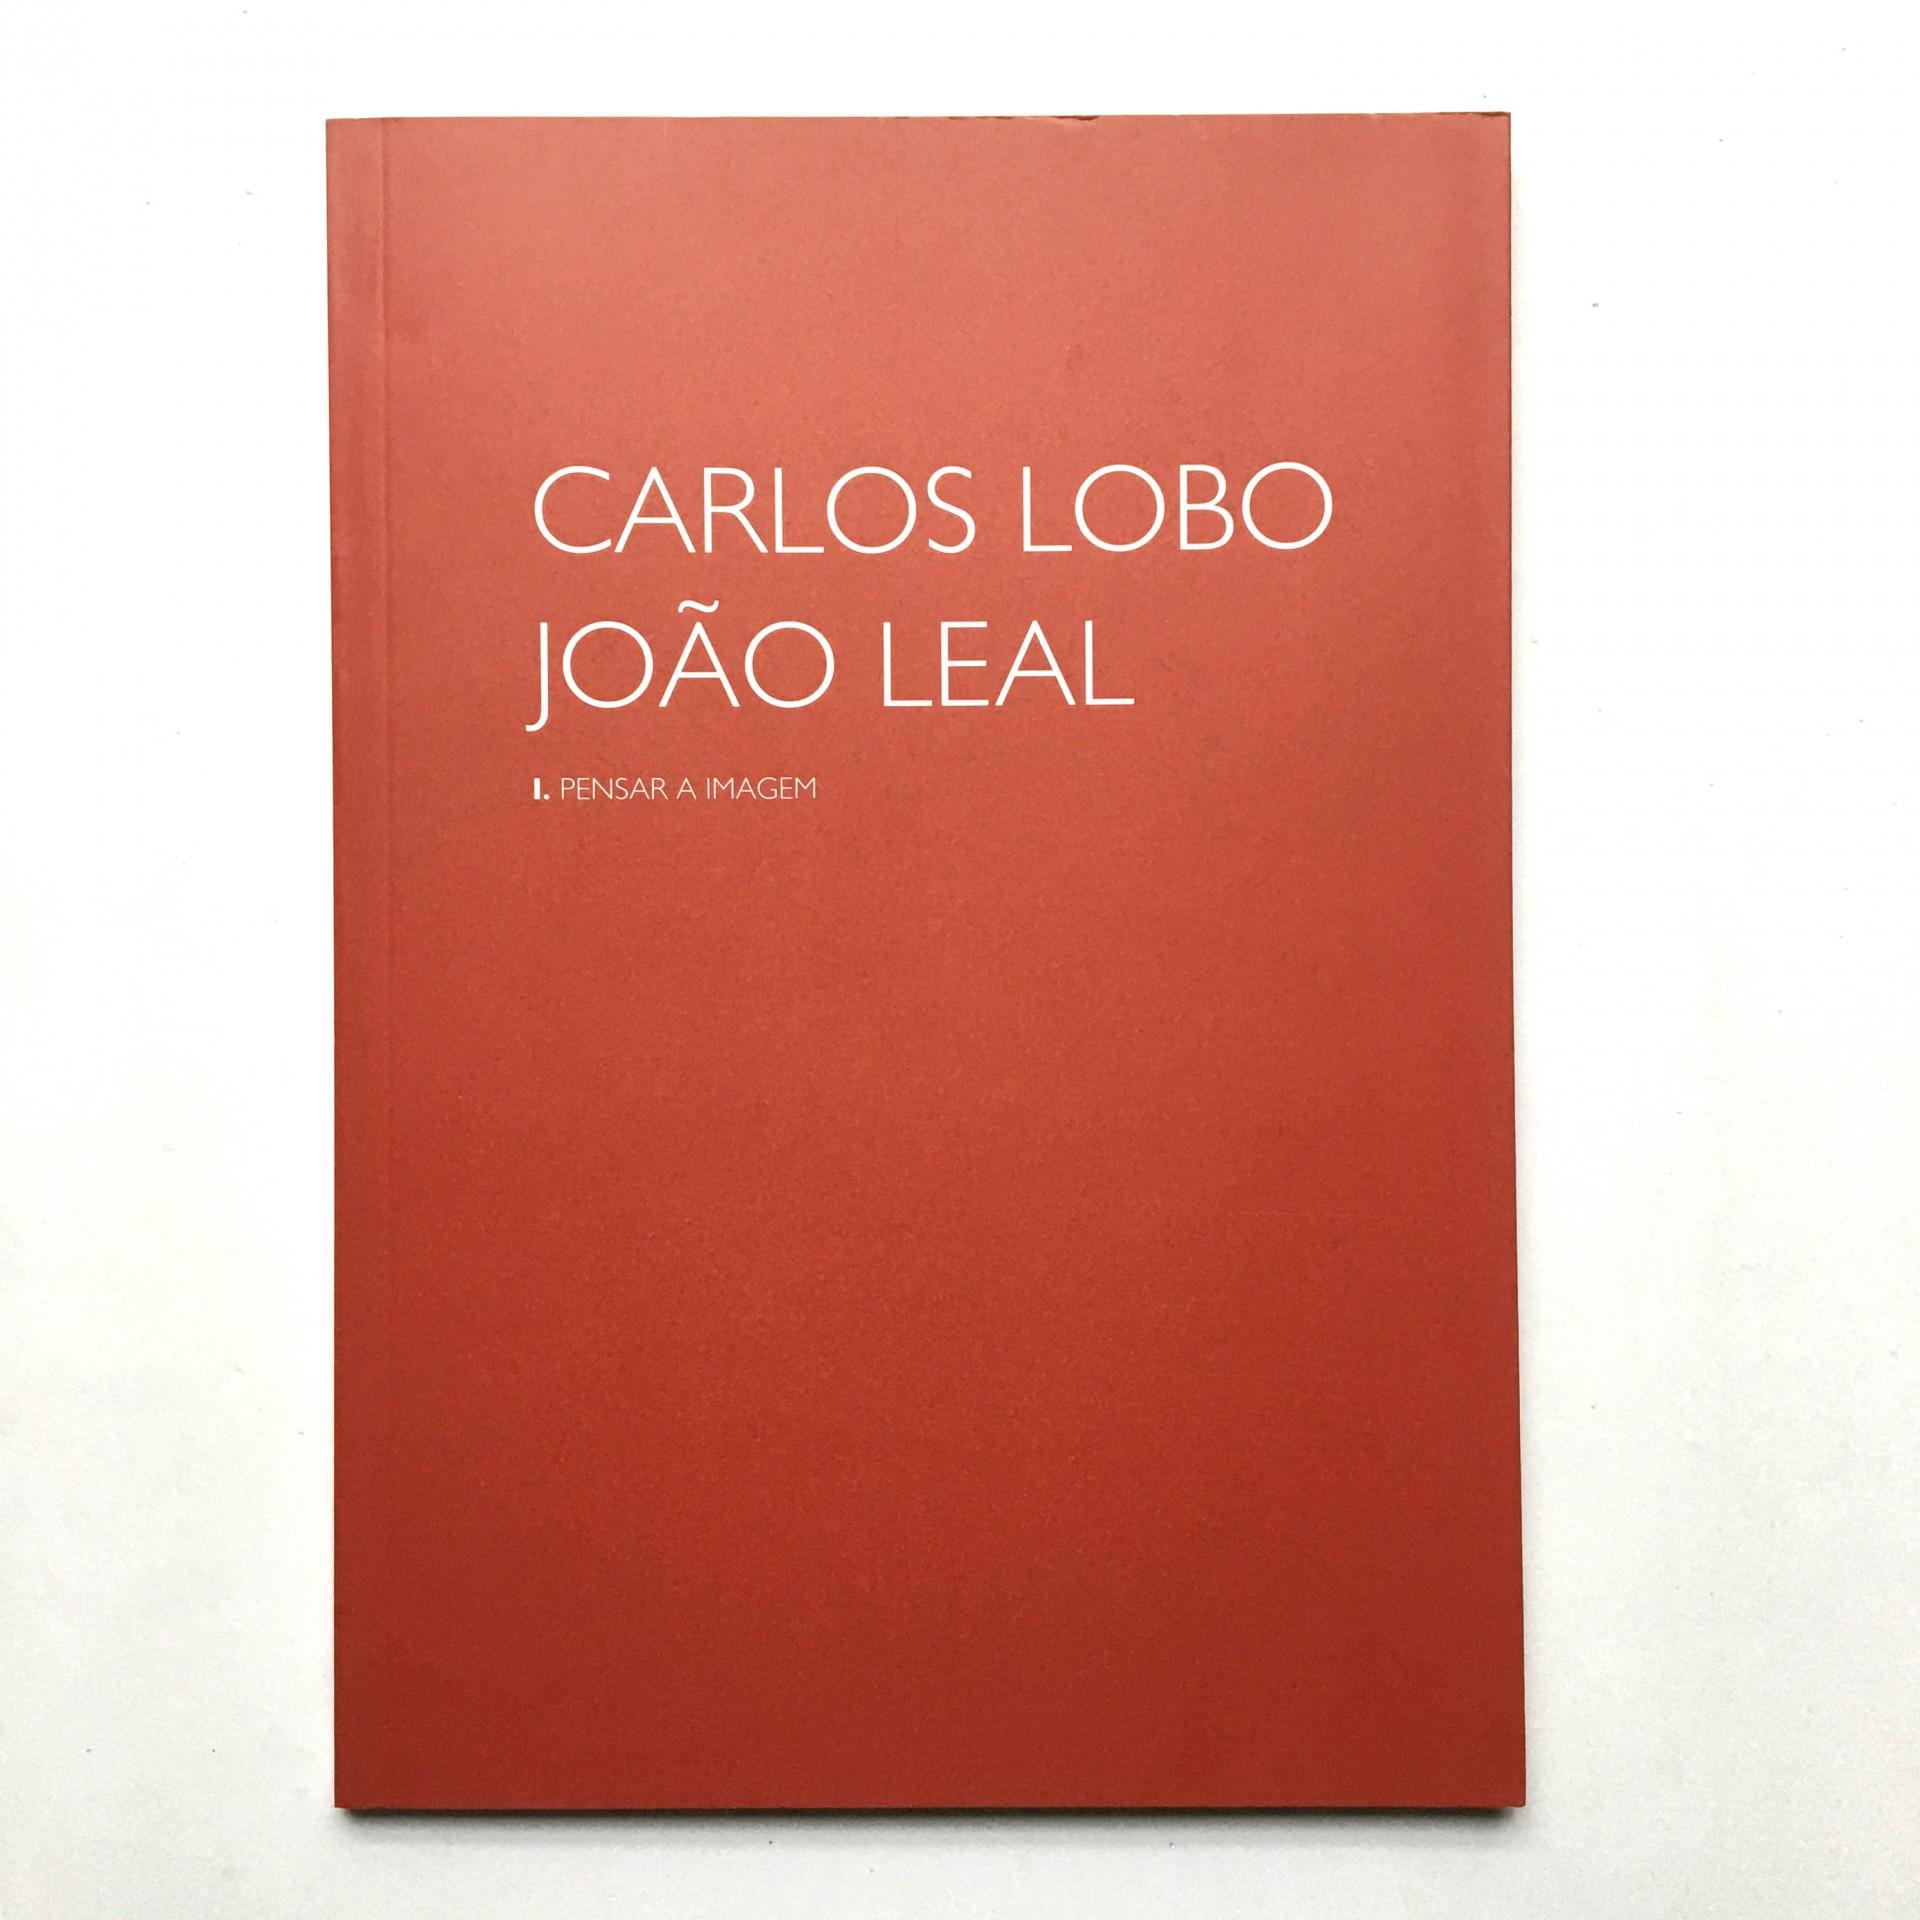 Pensar a Imagem I: Carlos Lobo, João Leal